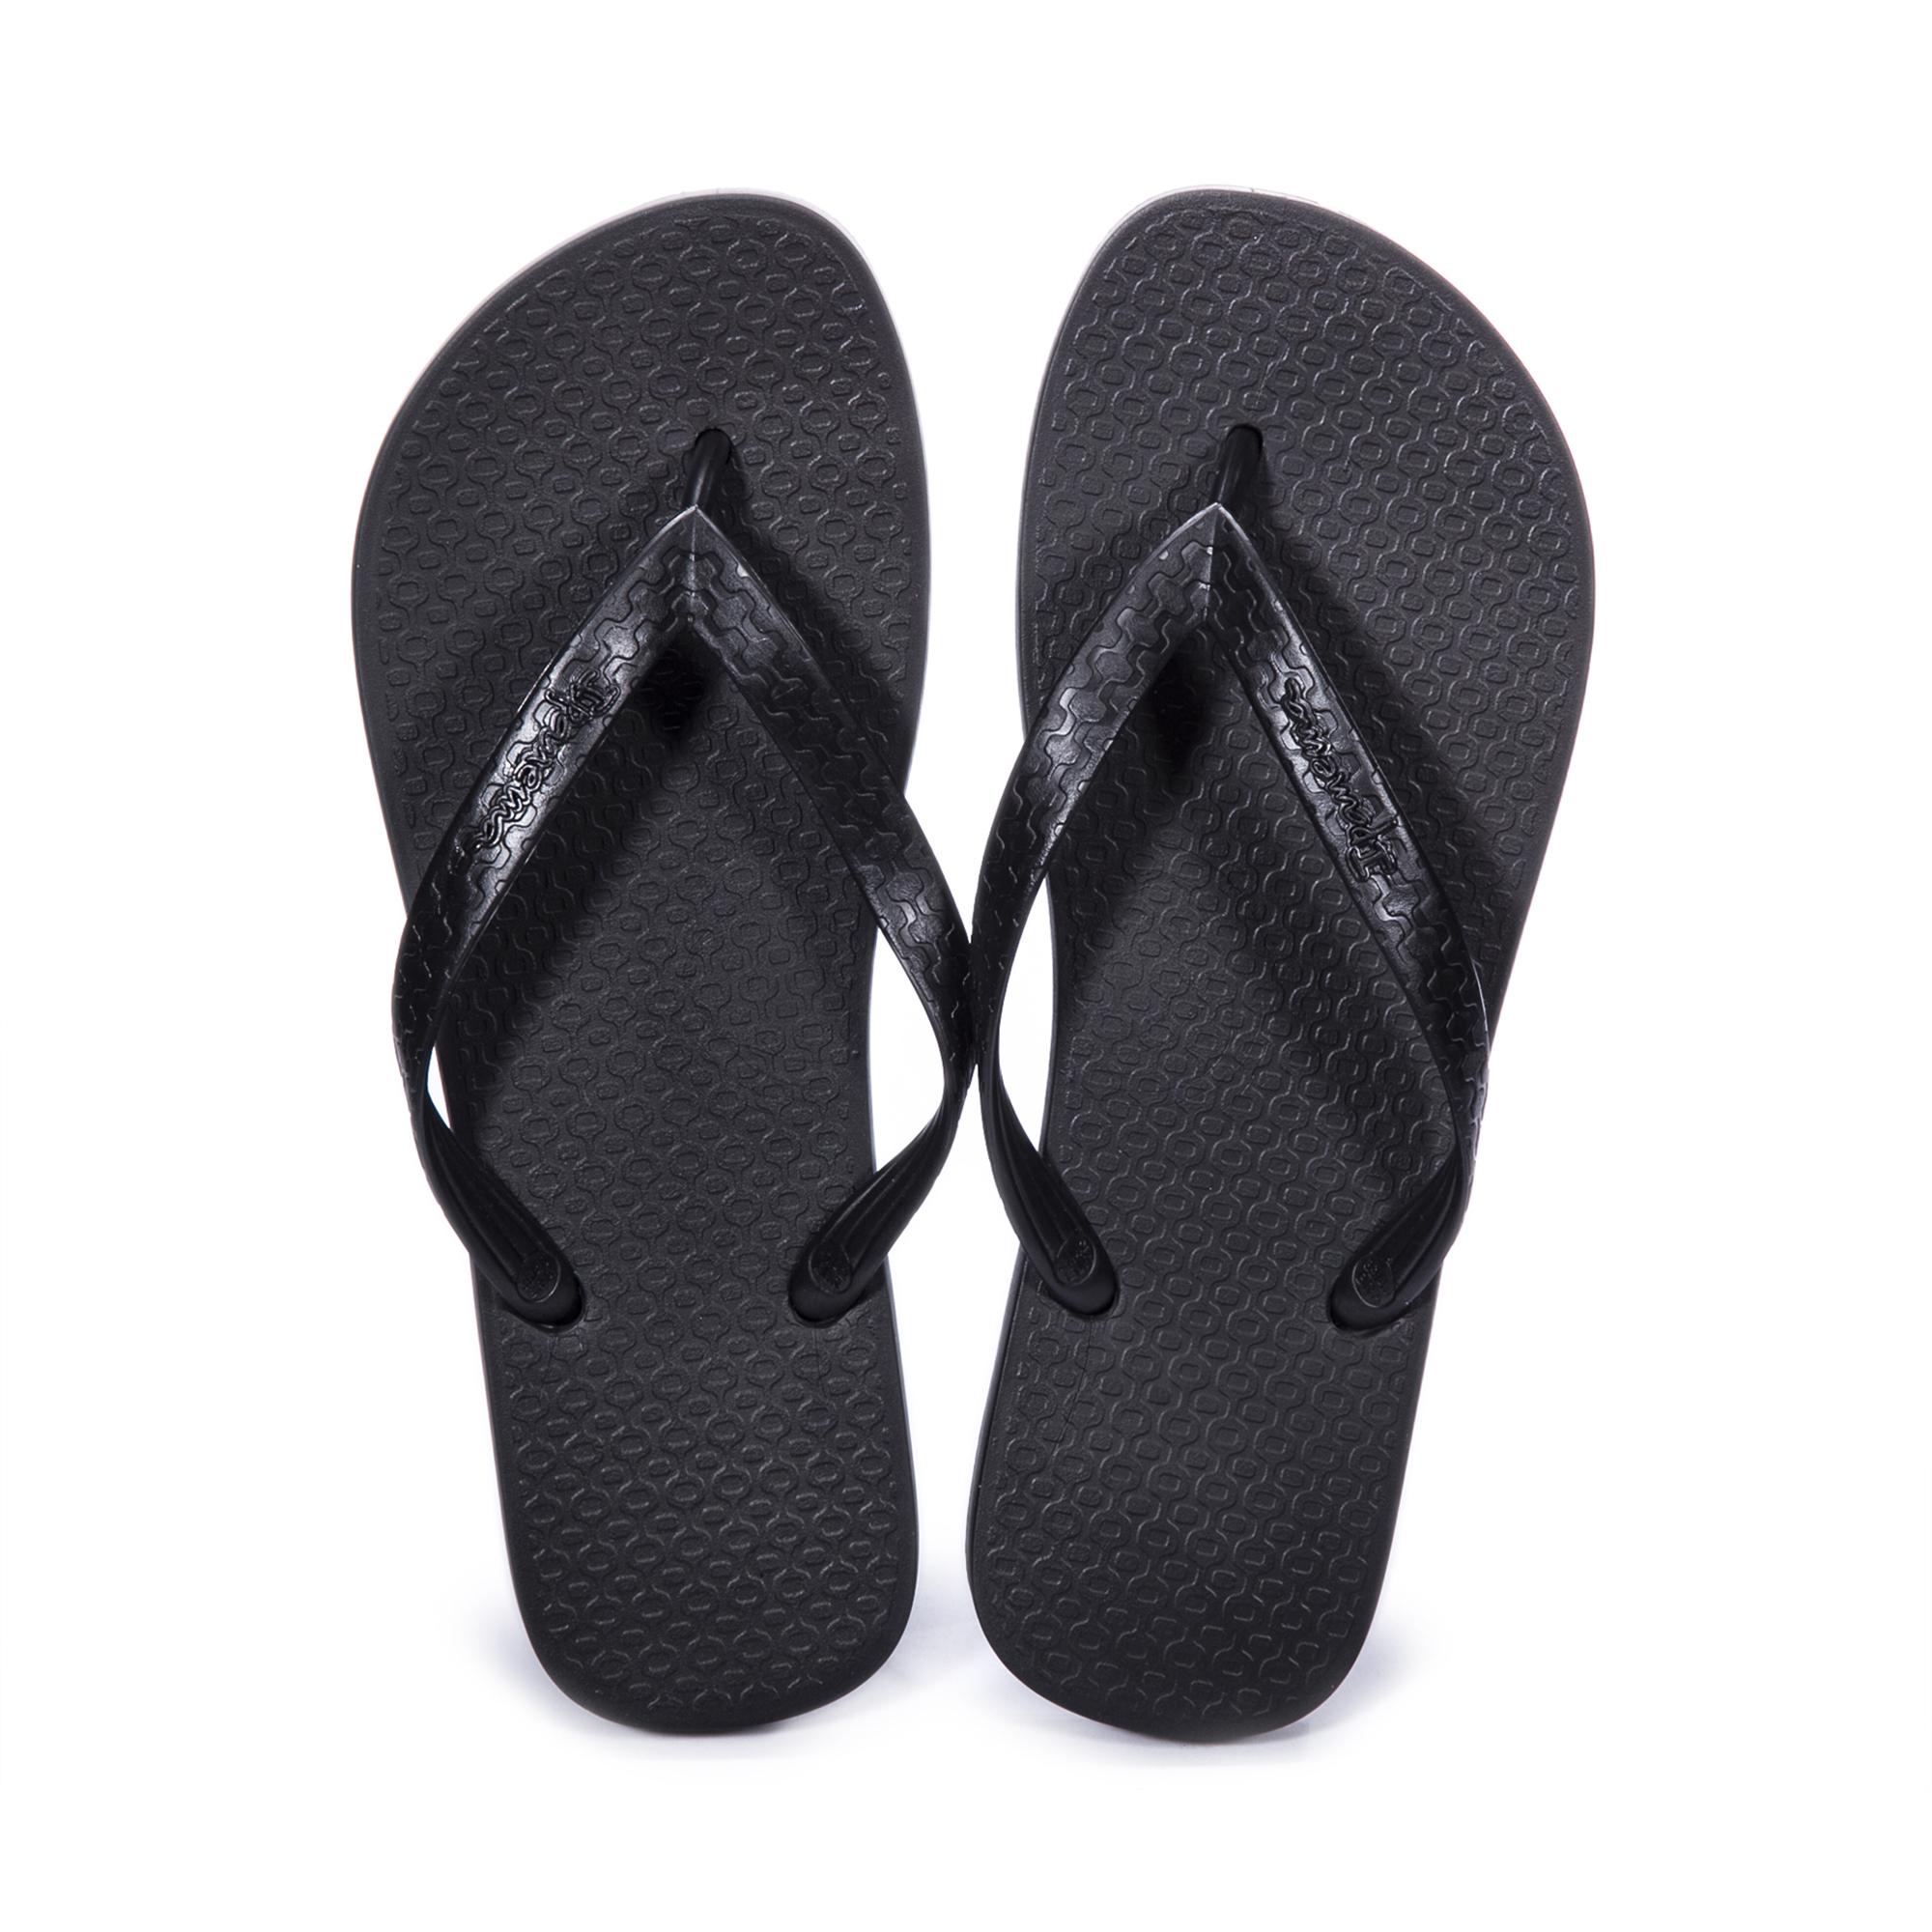 巴西原产IPANEMA纯色男士人字拖 男士拖鞋 男款凉拖 黑色 41/42 建议选大一码